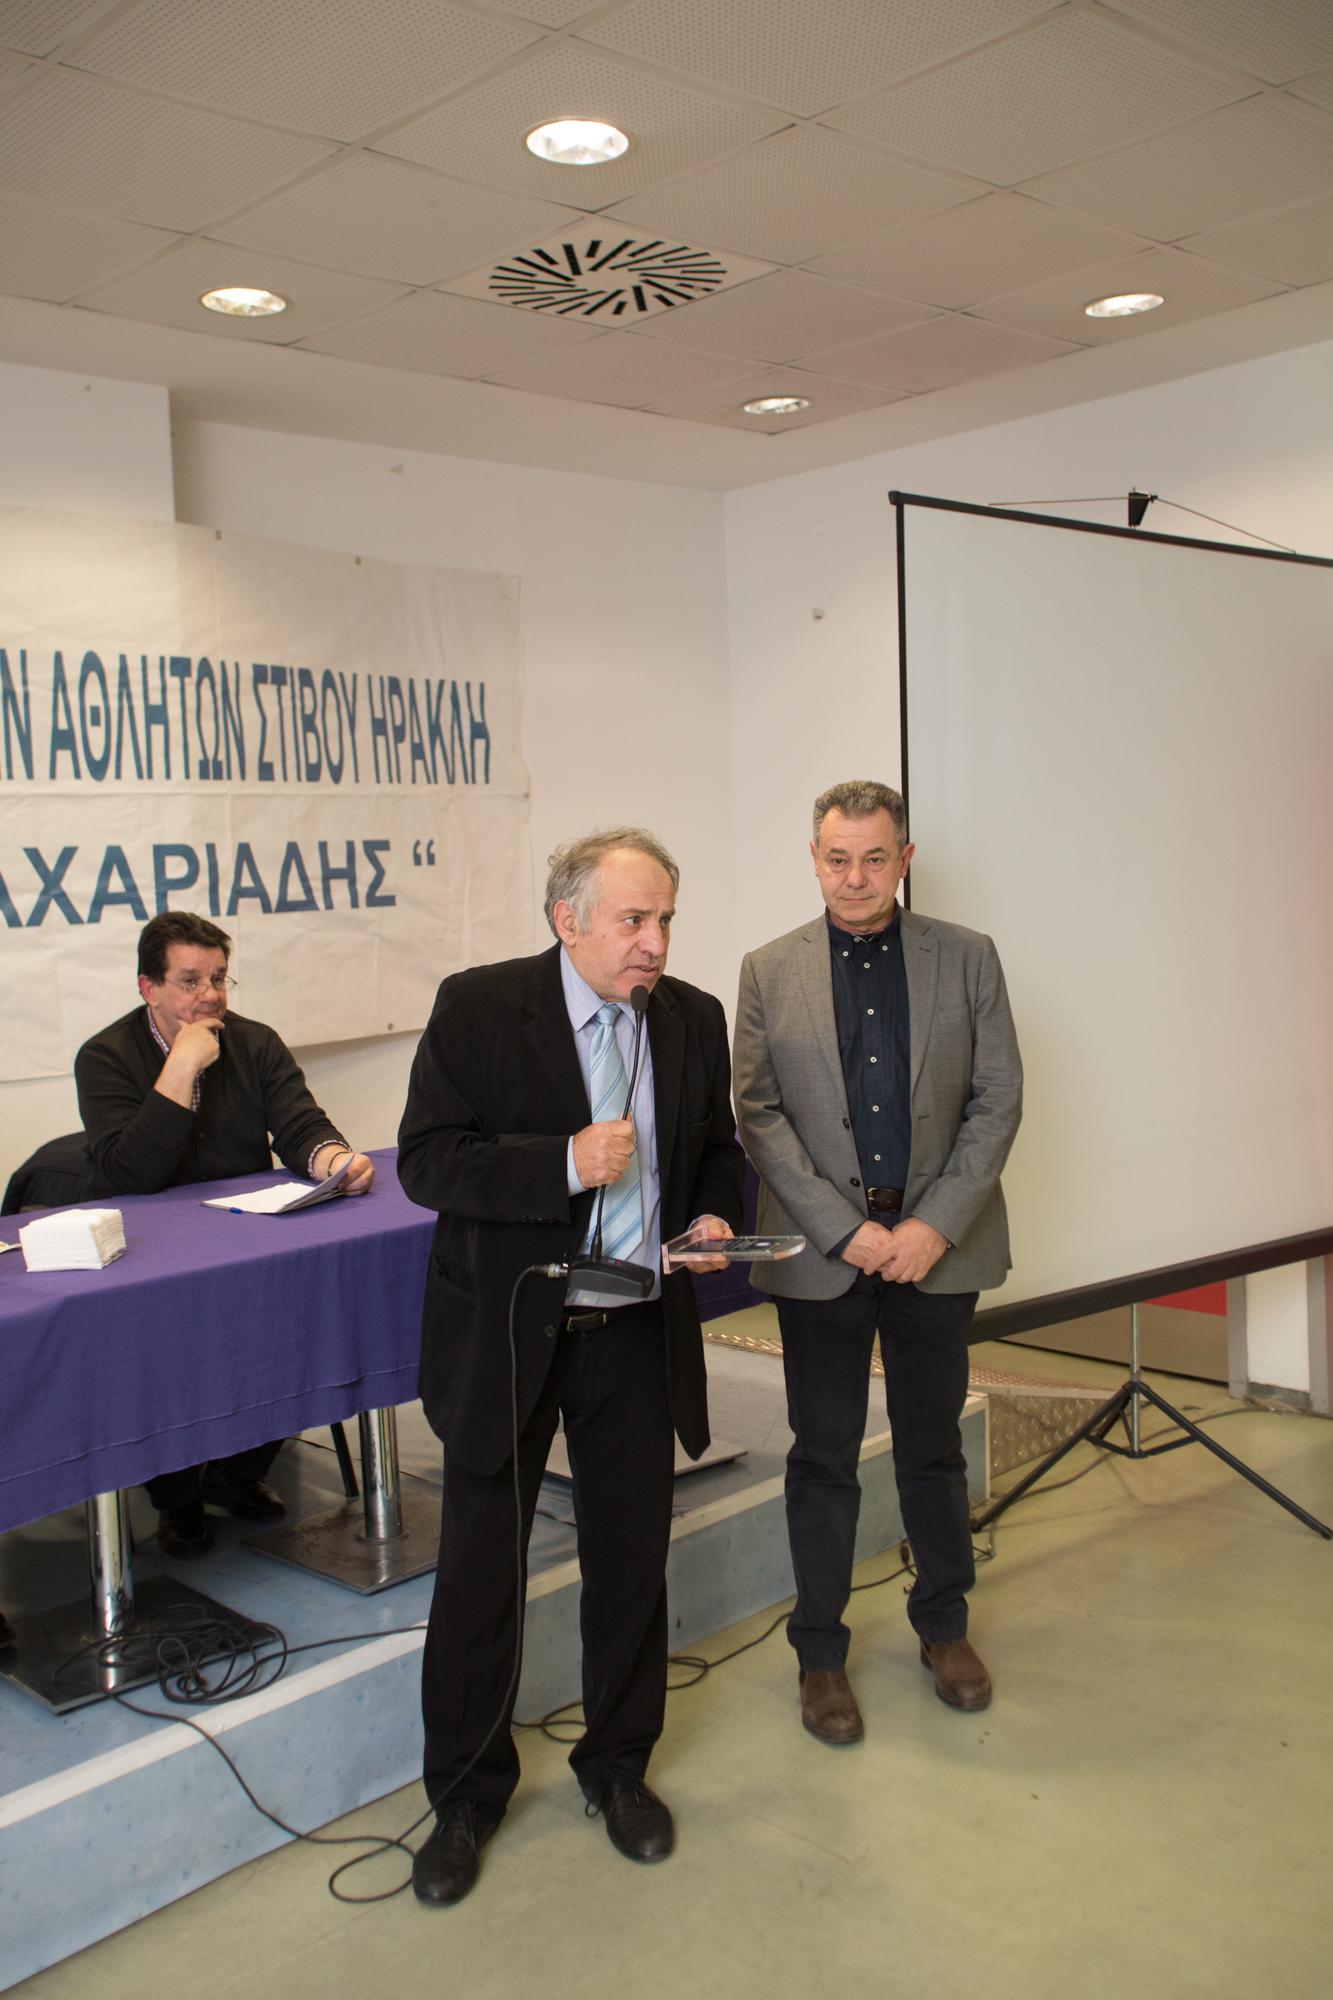 Μουμουλίδης Γιάν. βραβείο από Απόστ.Μιτιντζή(πρόεδρος επιτροπής διοίκησης Καυτανζόγλειου)